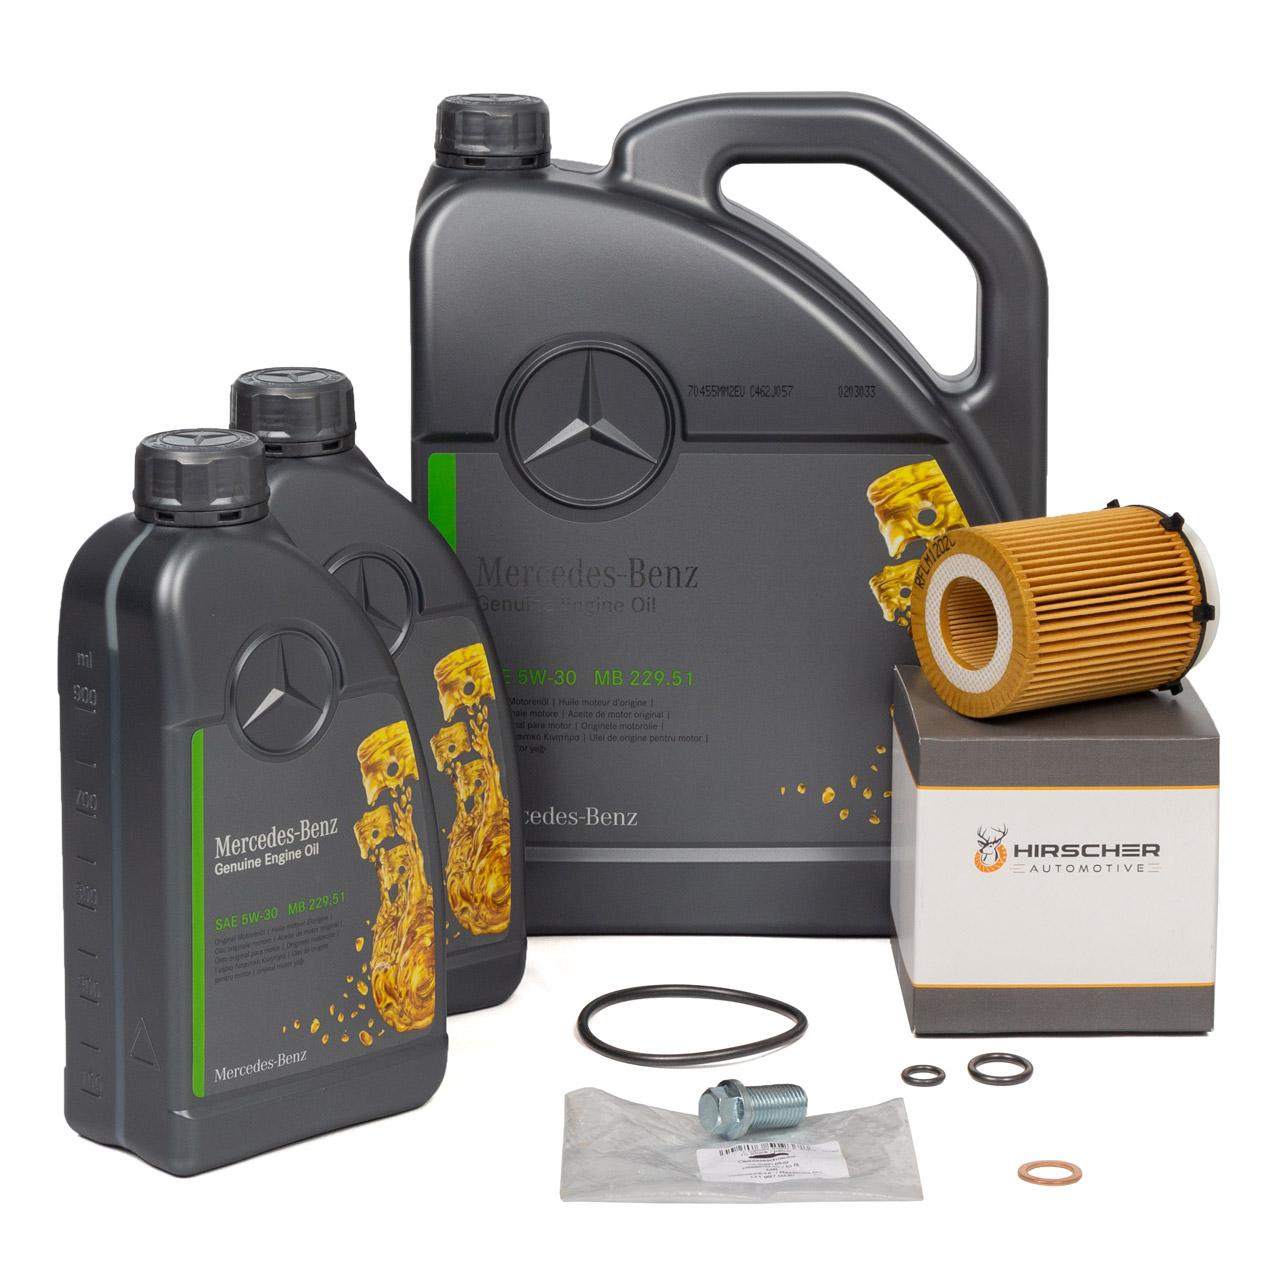 ORIGINAL Mercedes Motoröl 5W-30 MB 229.51 7 Liter + HIRSCHER Ölfilter 2701800109